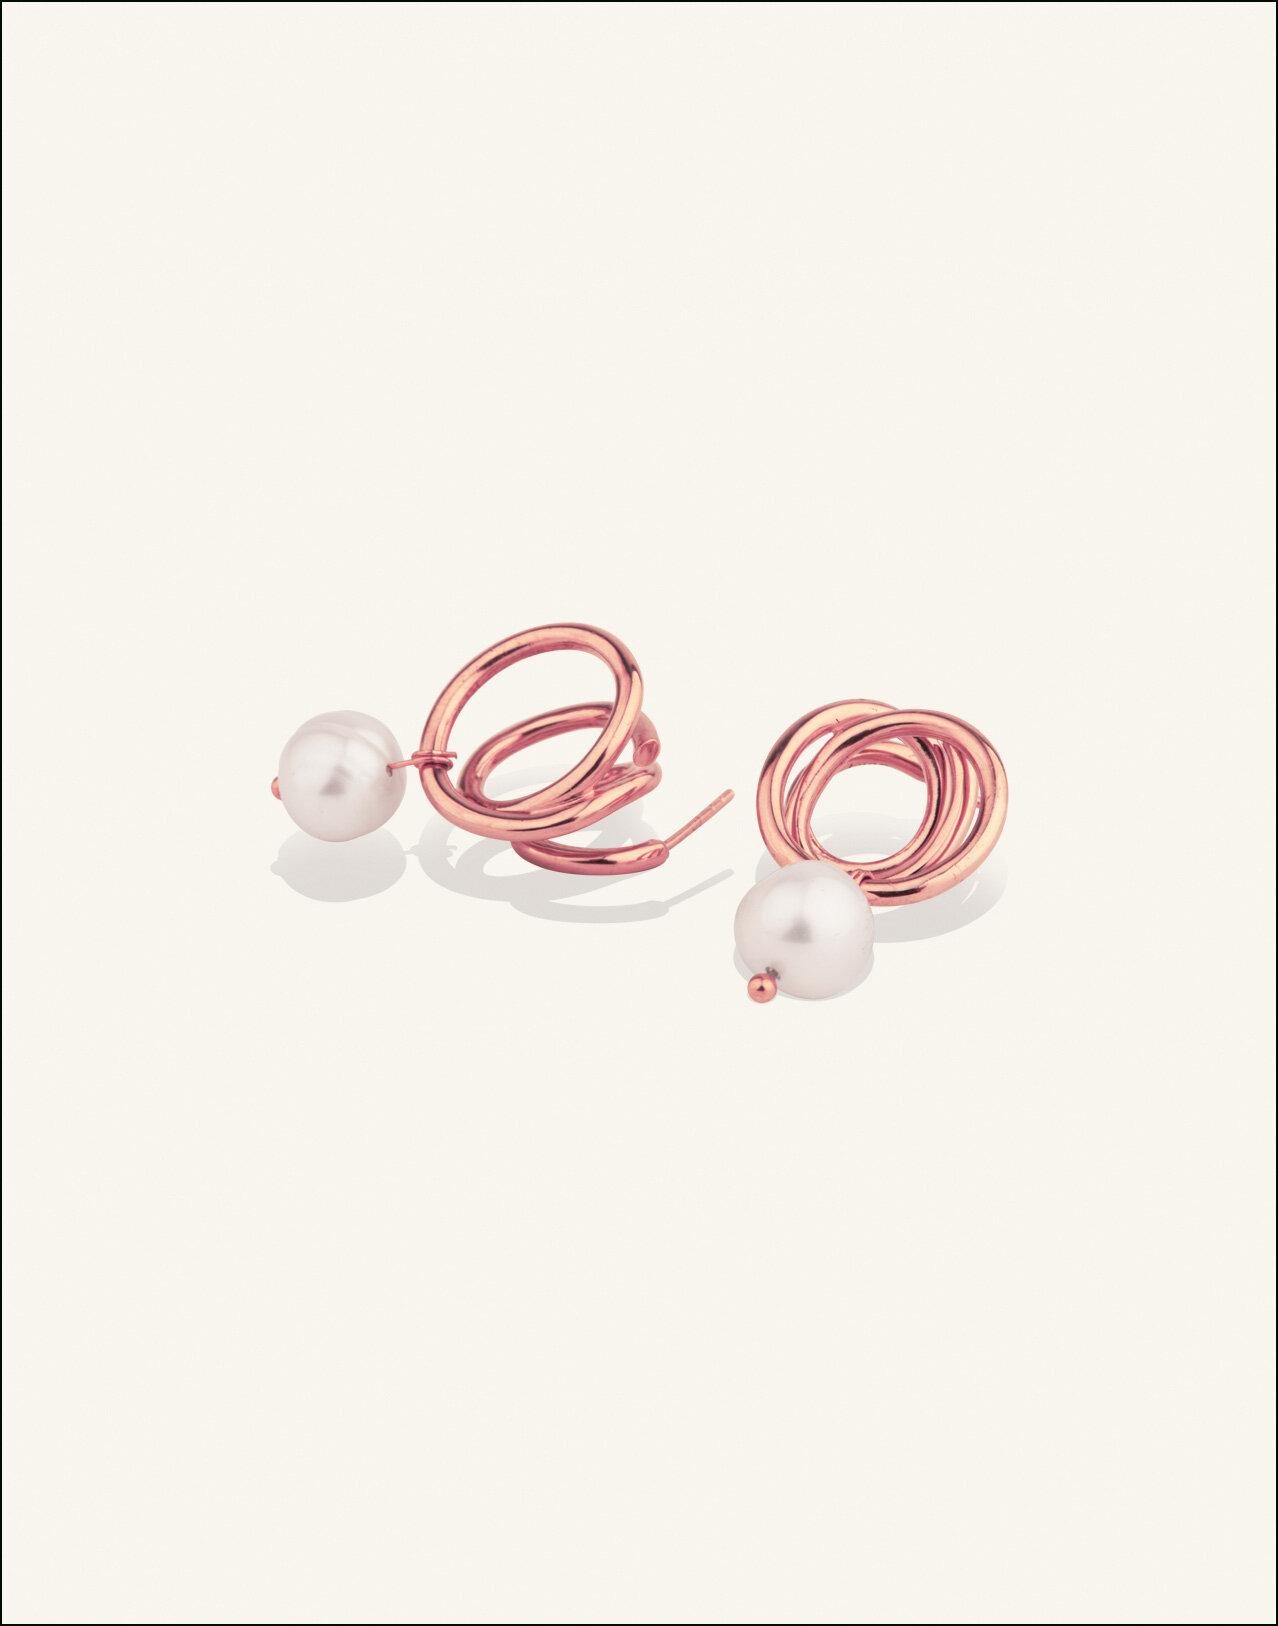 Completedworks-ROSE-GOLD-VERMEIL-Flow-Earrings-Pearl-3.jpg